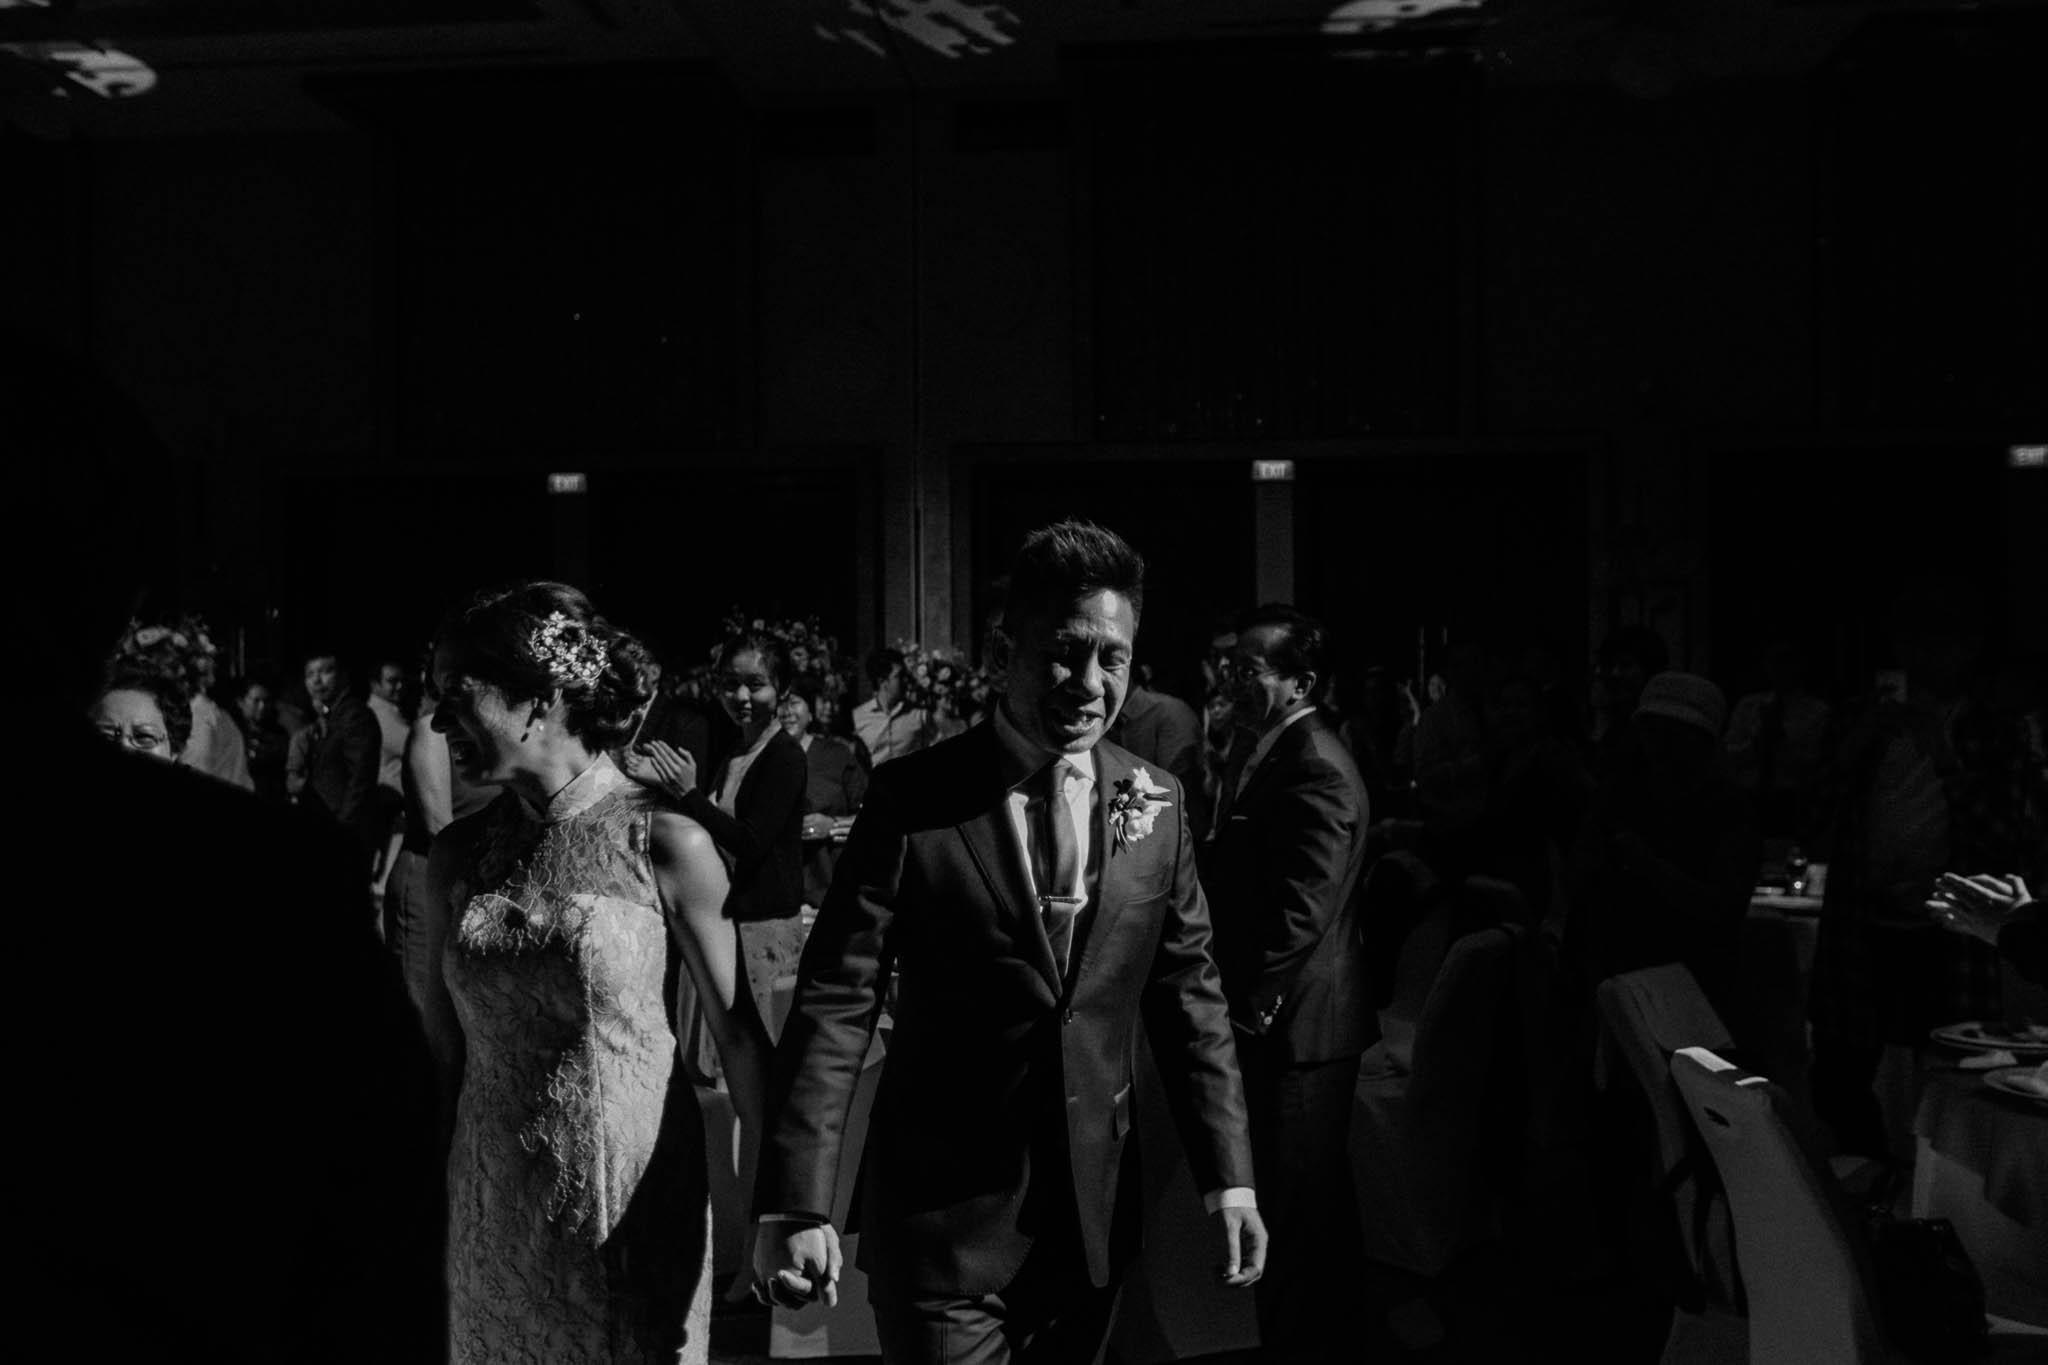 singapore-wedding-photographer-wemadethese-bw-045.jpg